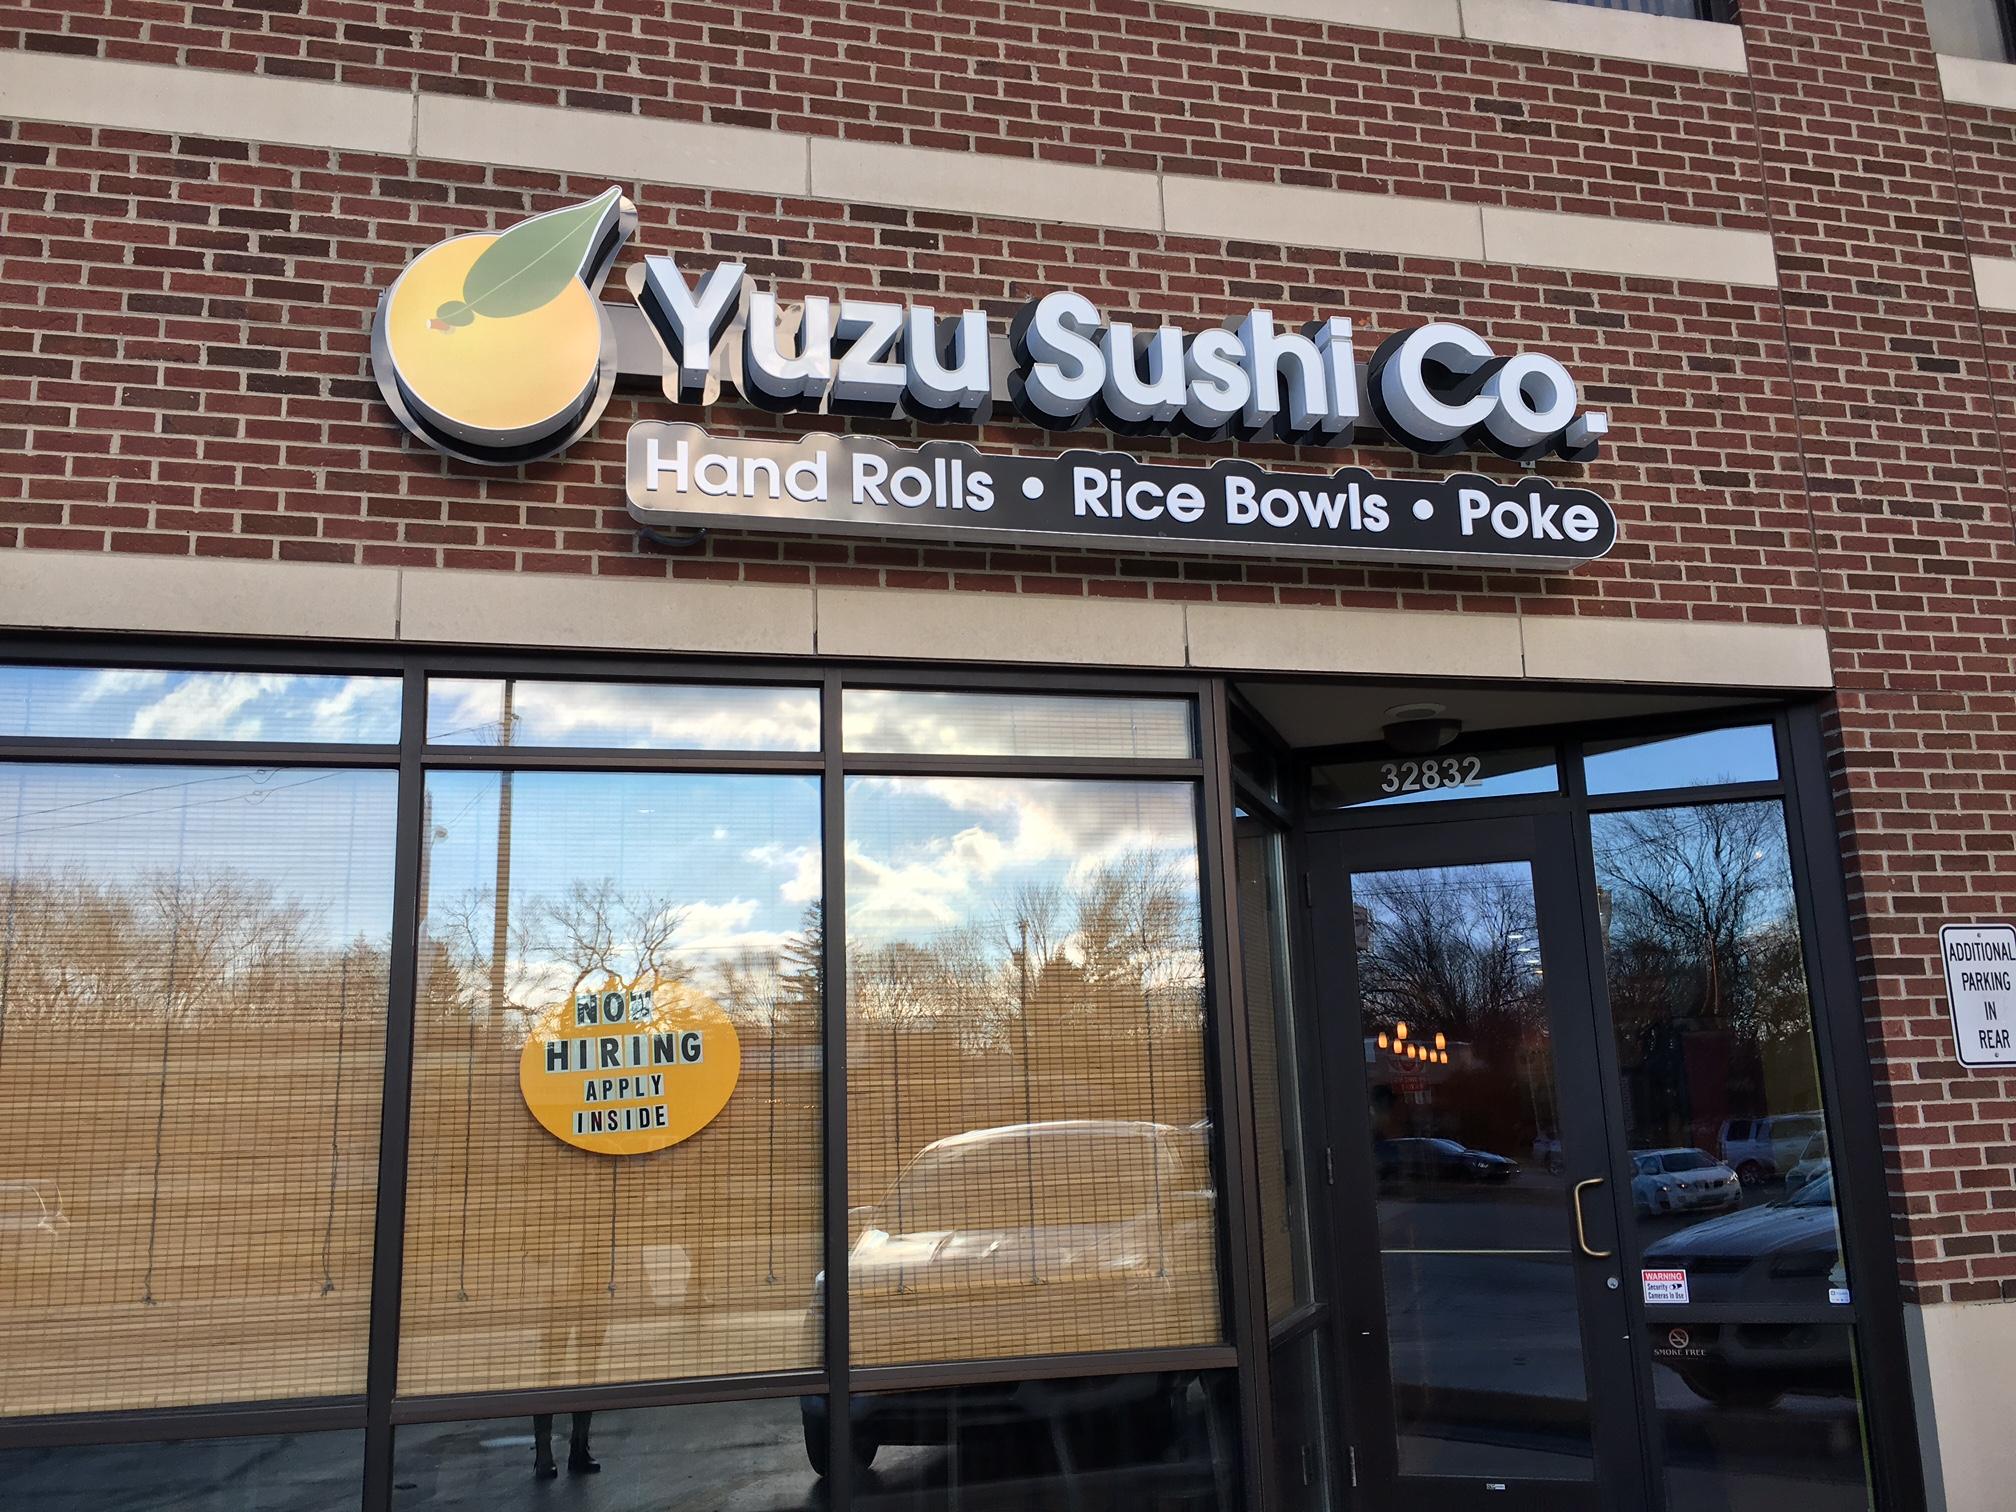 Yuzu Sushi Co.